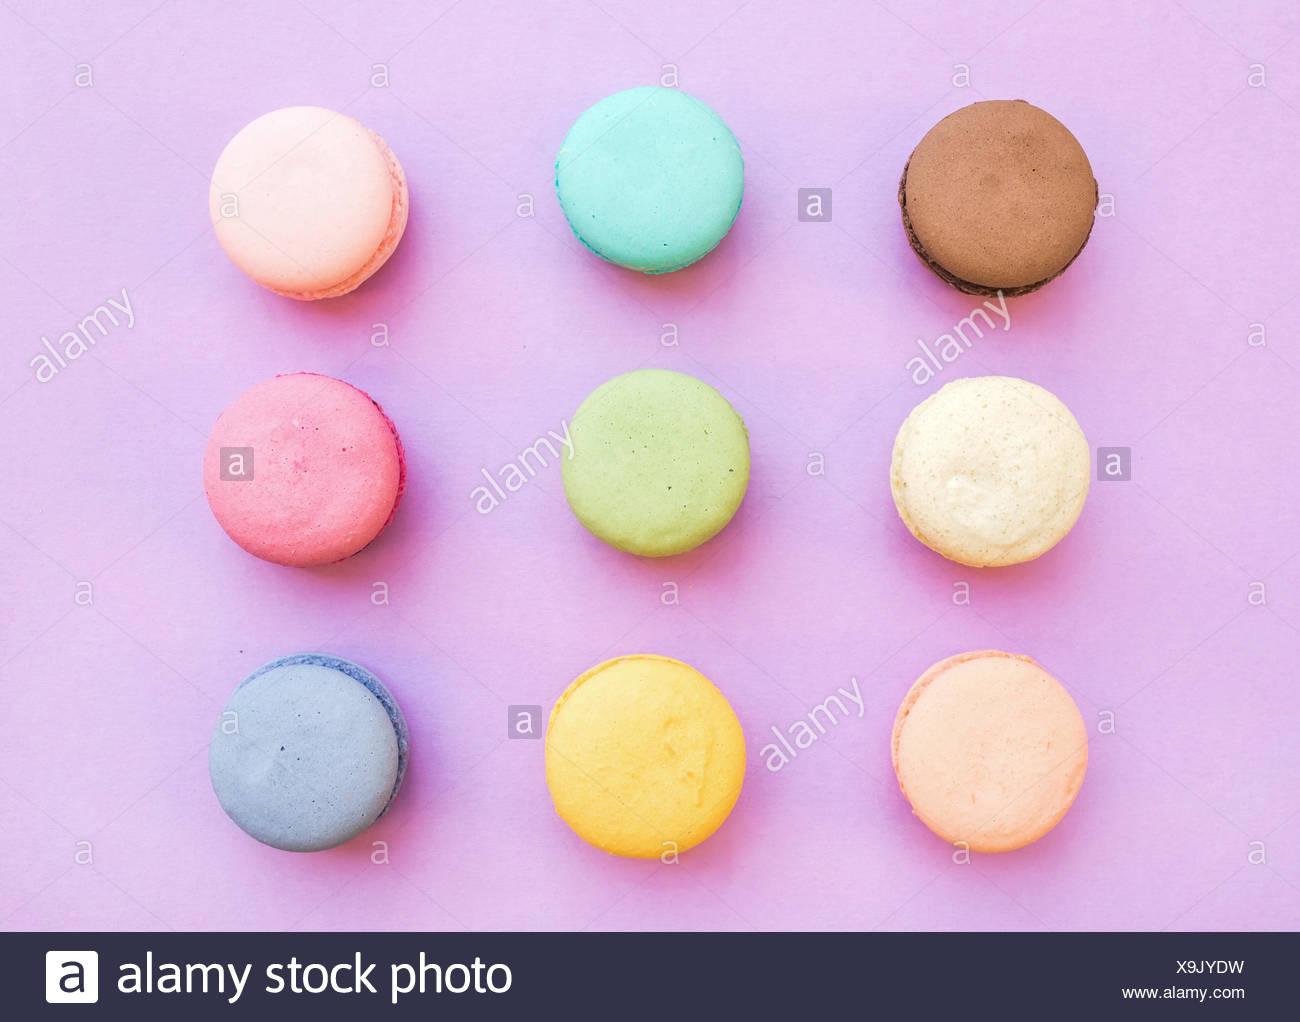 Süße bunte französische Macaron Kekse auf Pastell rosa Hintergrund, Ansicht von oben Stockbild